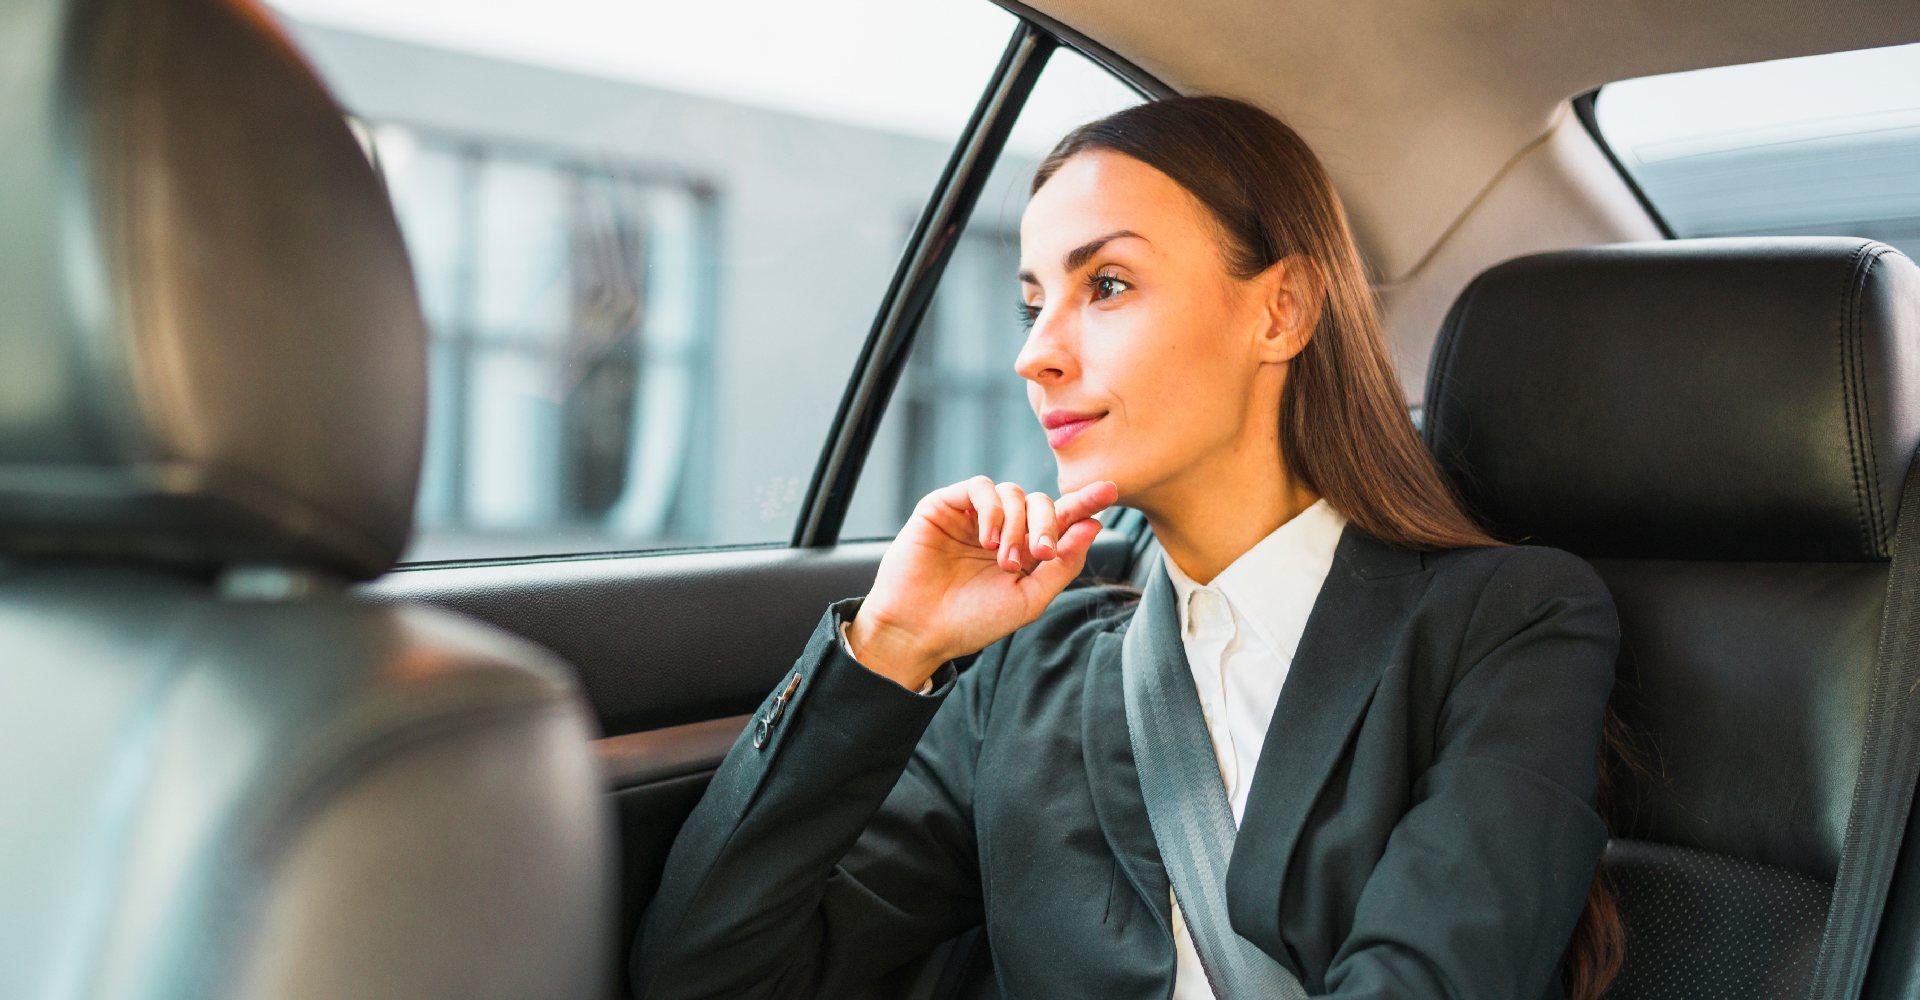 Как вести себя в неловких ситуациях, возникших в такси: способы избежания неуместных разговоров - Картинка 2